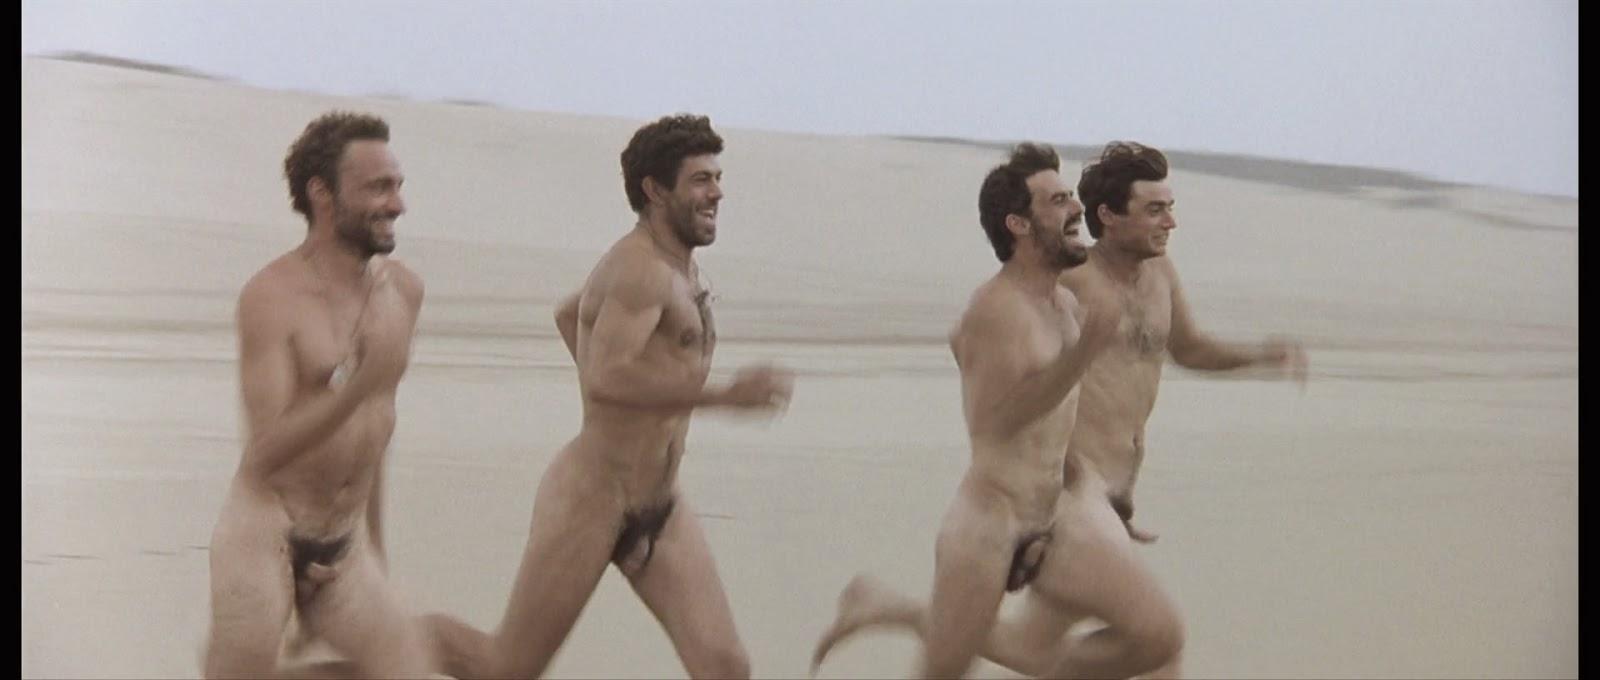 Actores Nude 11